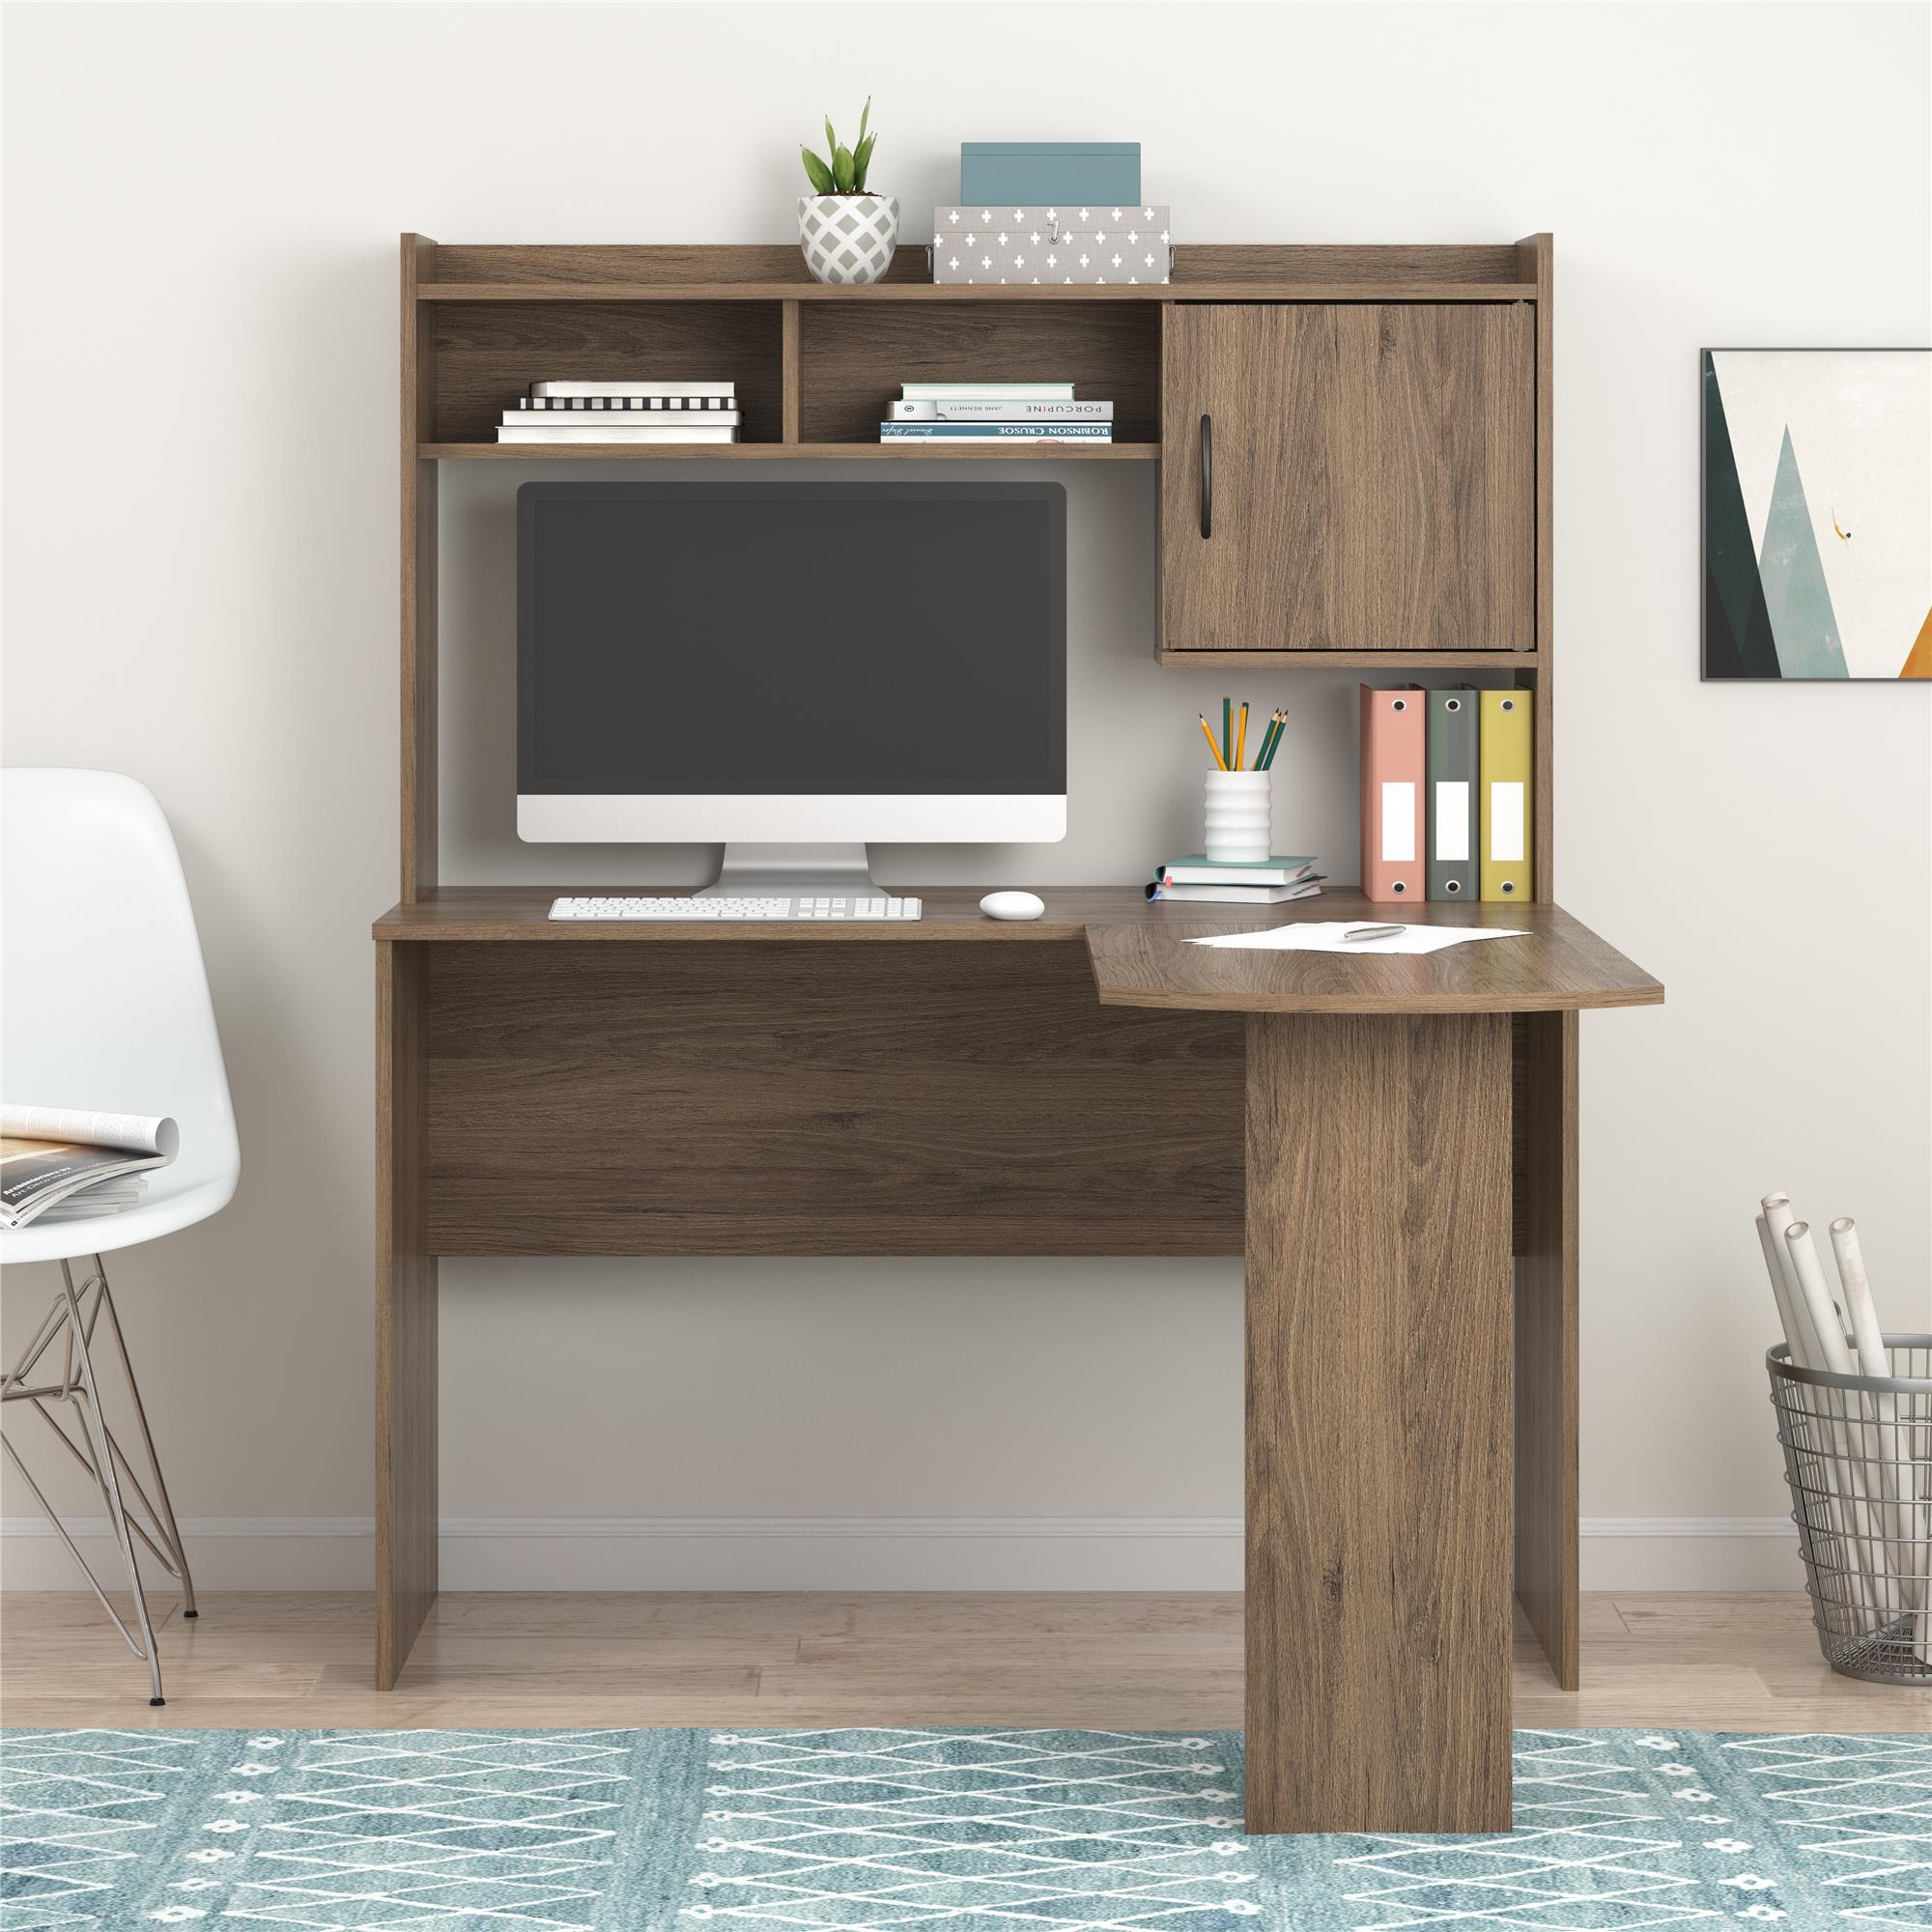 Mainstays L-Shaped Desk with Hutch, White/Rustic Oak/ Espresso/Rustic Oak/Black Oak $59